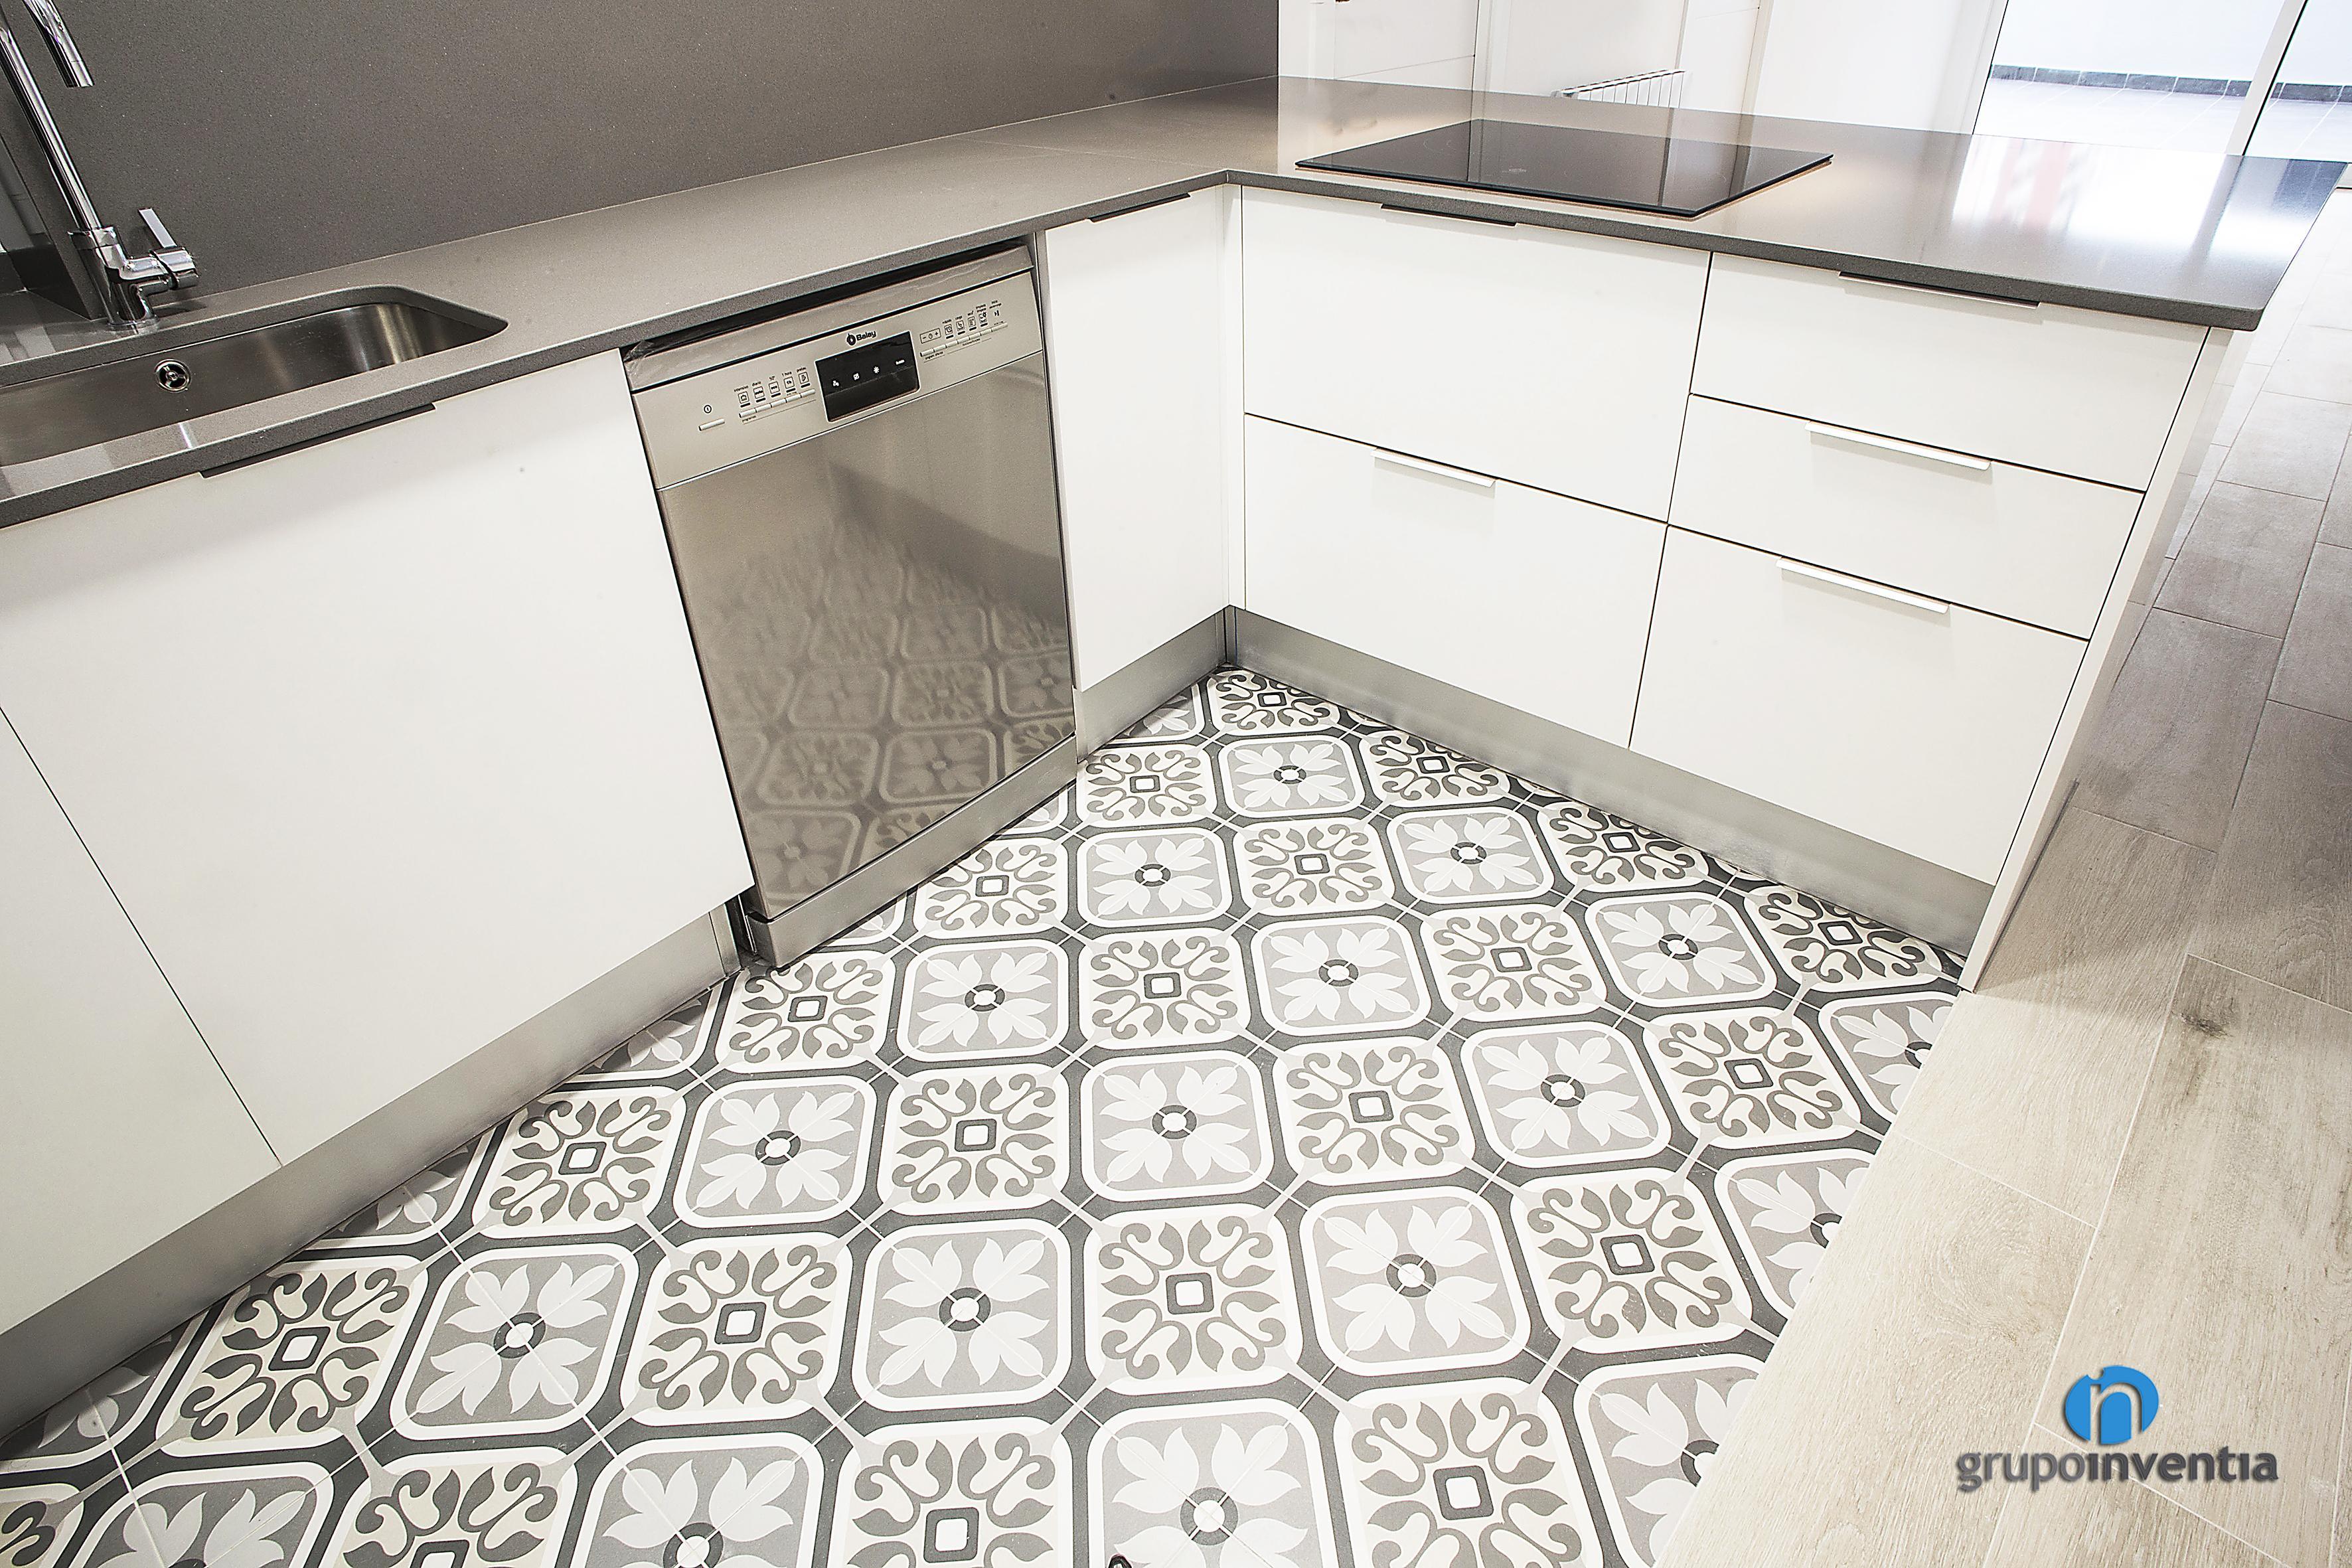 Pavimentos y parquet en barcelona grupo inventia - Cocinas con parquet ...